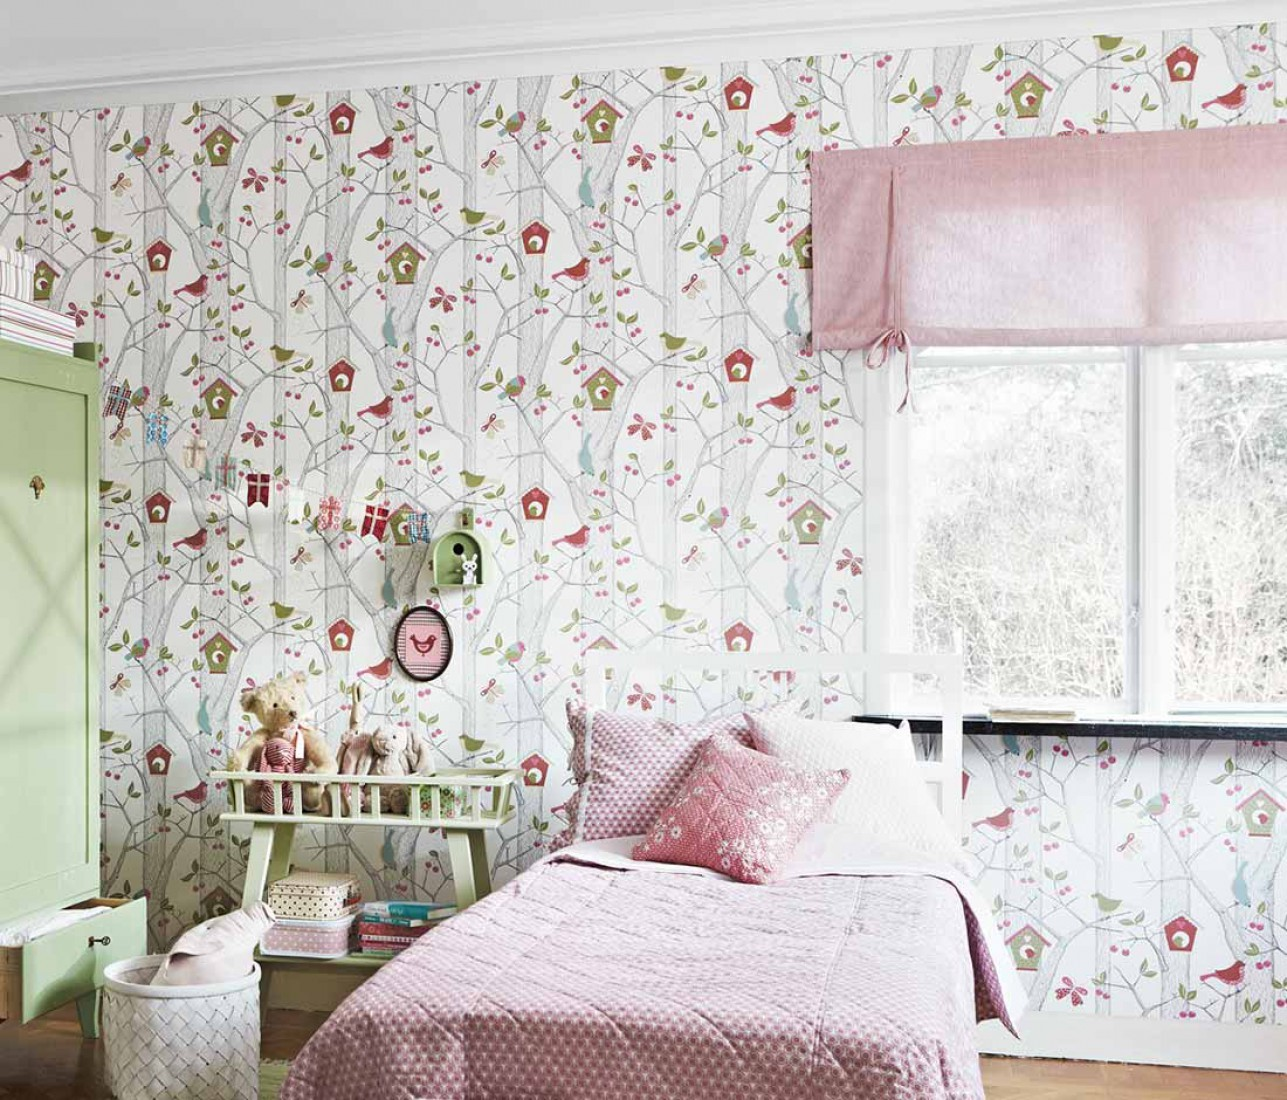 کاغذ دیواری گل دار اتاق خواب